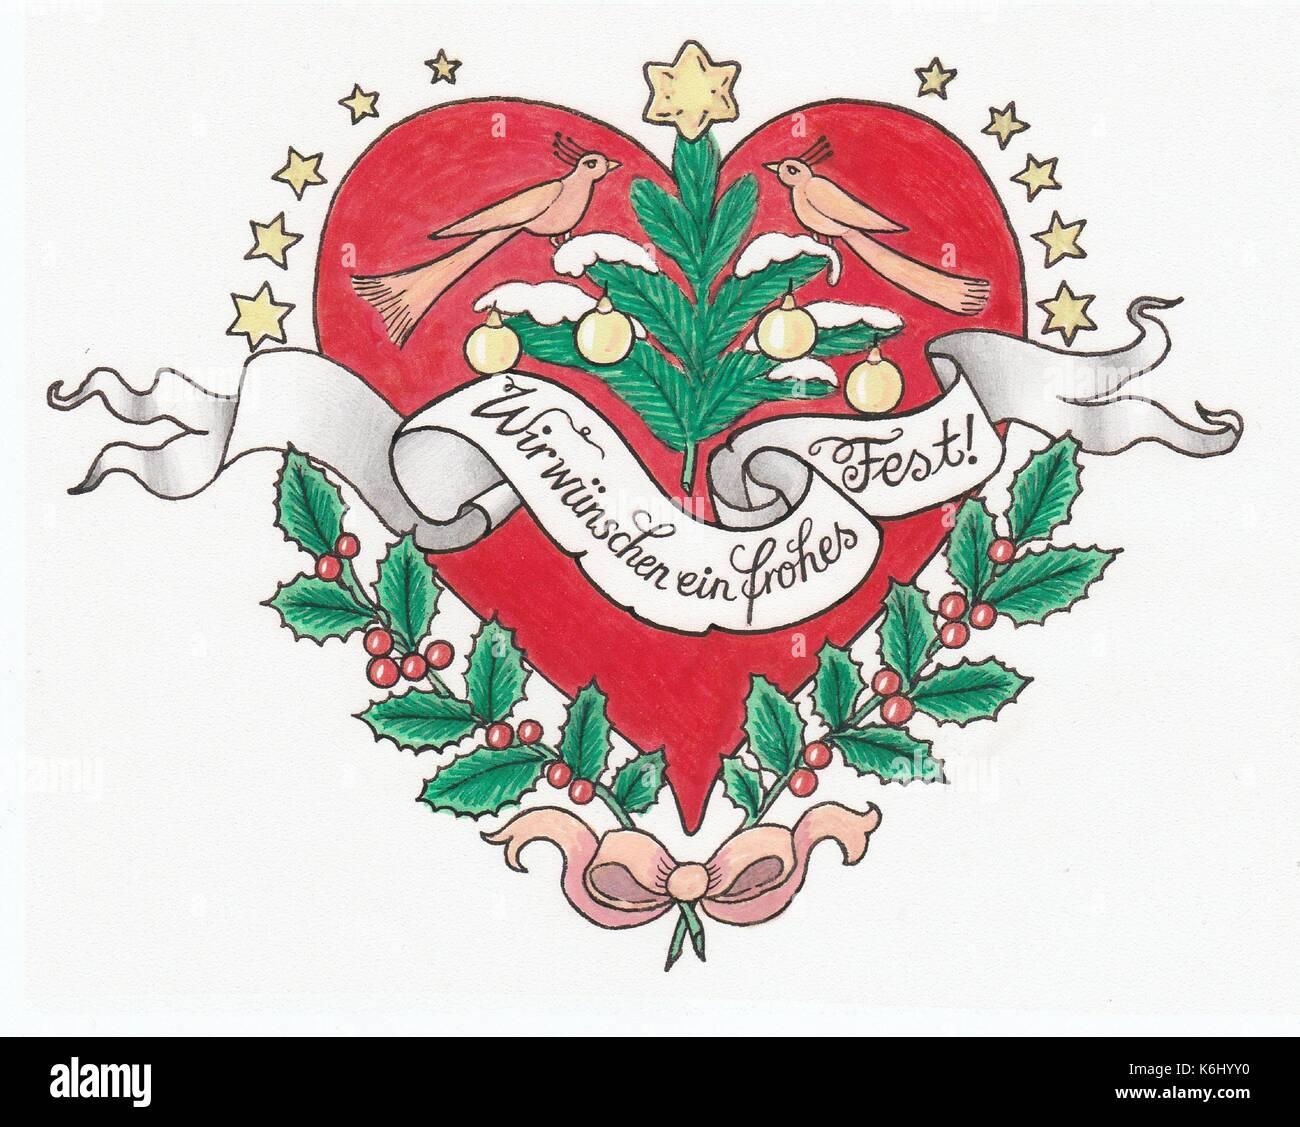 Weihnachtsherz tattoostyle - Stock Image